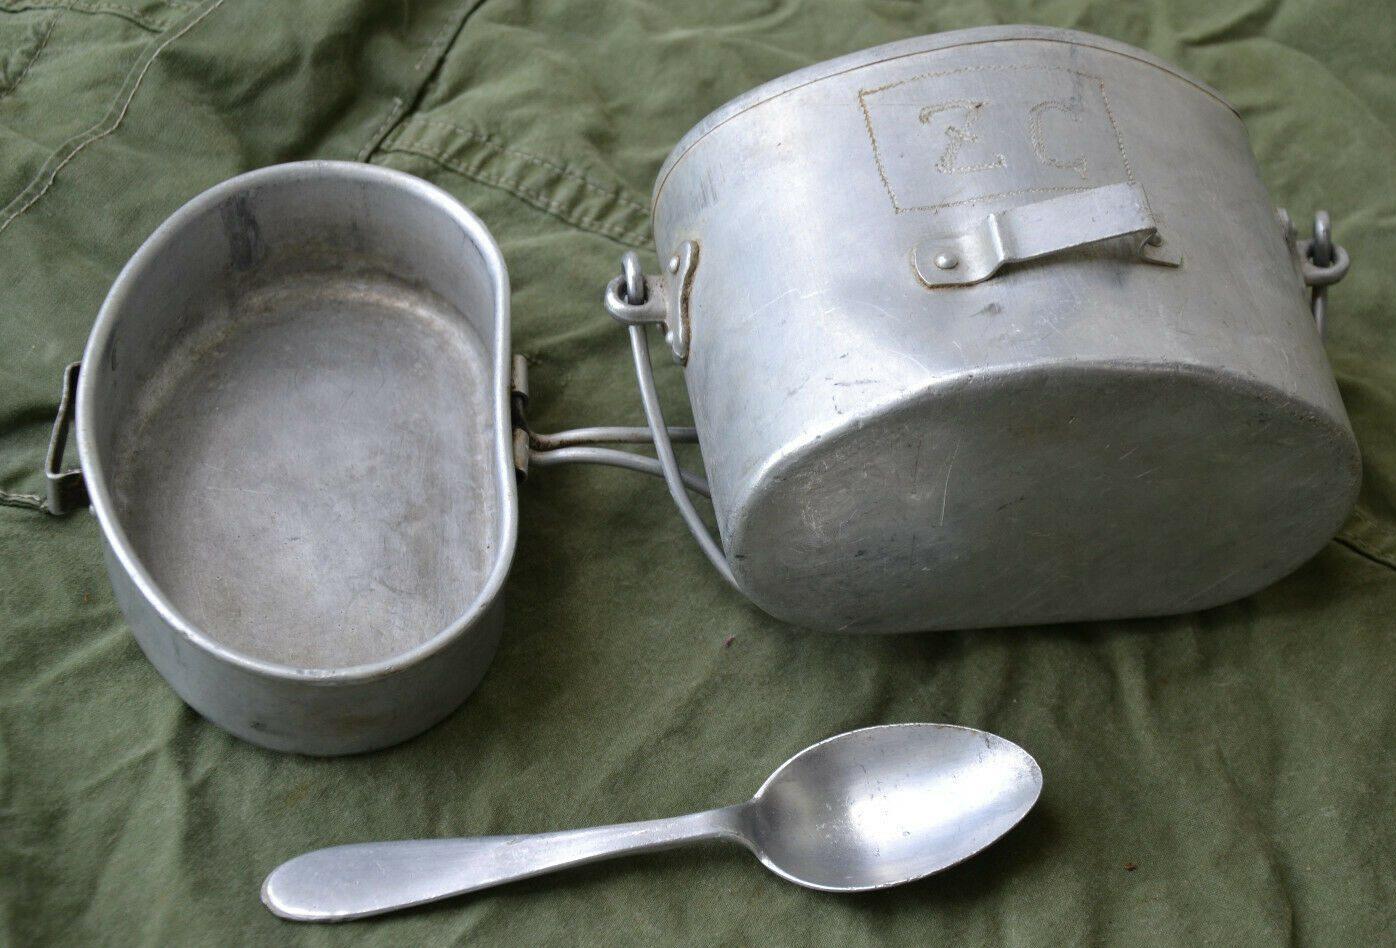 Малый армейский котелок образца 1930 года с алюминиевой ложкой. Размеры котелка: длина – 156 мм, ширина – 96 мм , высота – 122 мм . Размеры крышки: длина – 160 мм , ширина – 100 мм, высота – 43 мм.